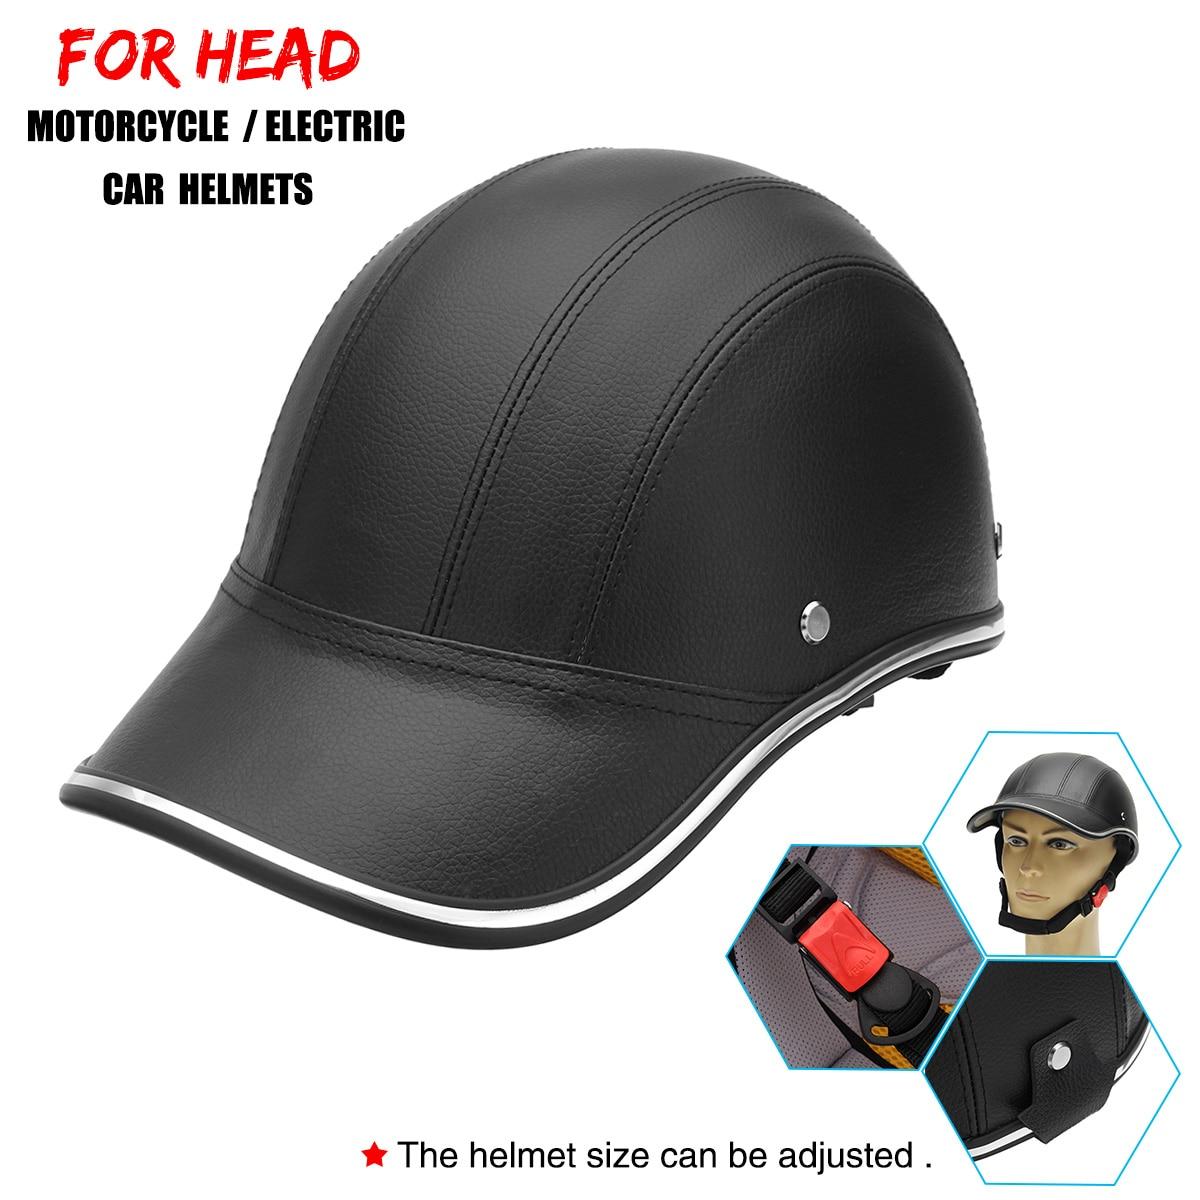 Cascos de cuero para motocicleta, moto, Scooter, semiabiertas, casco protector de cara, casco duro de seguridad, Unisex, casco para corredor, estilo de gorra de béisbol